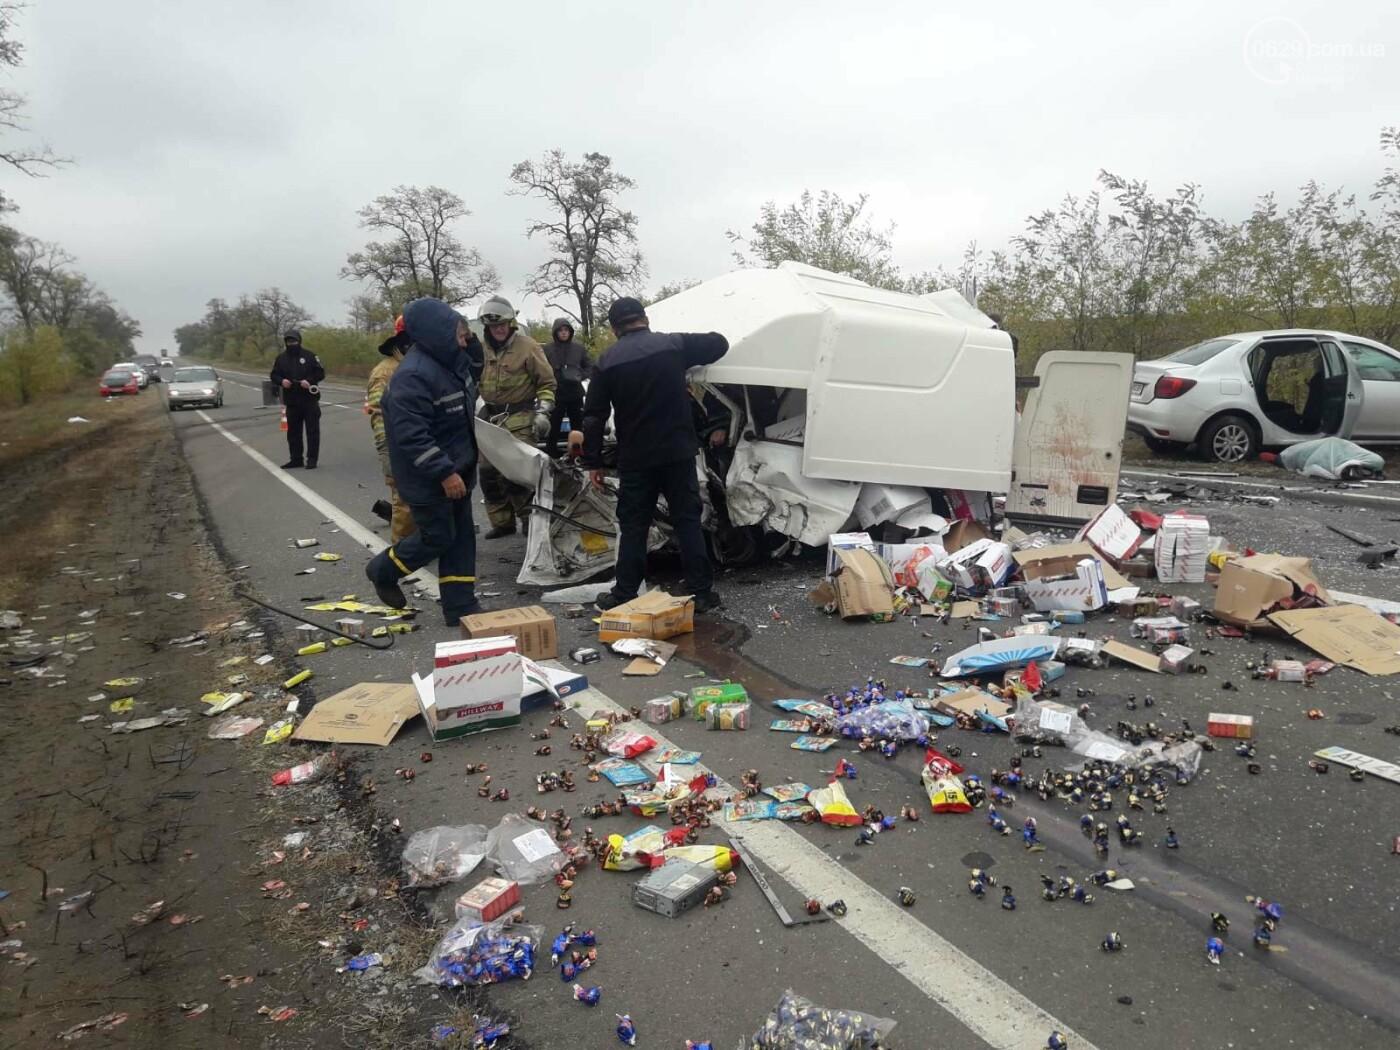 Автомобили вдребезги. В аварии на трассе под Мариуполем погибли два водителя, - ФОТО 18+, фото-13